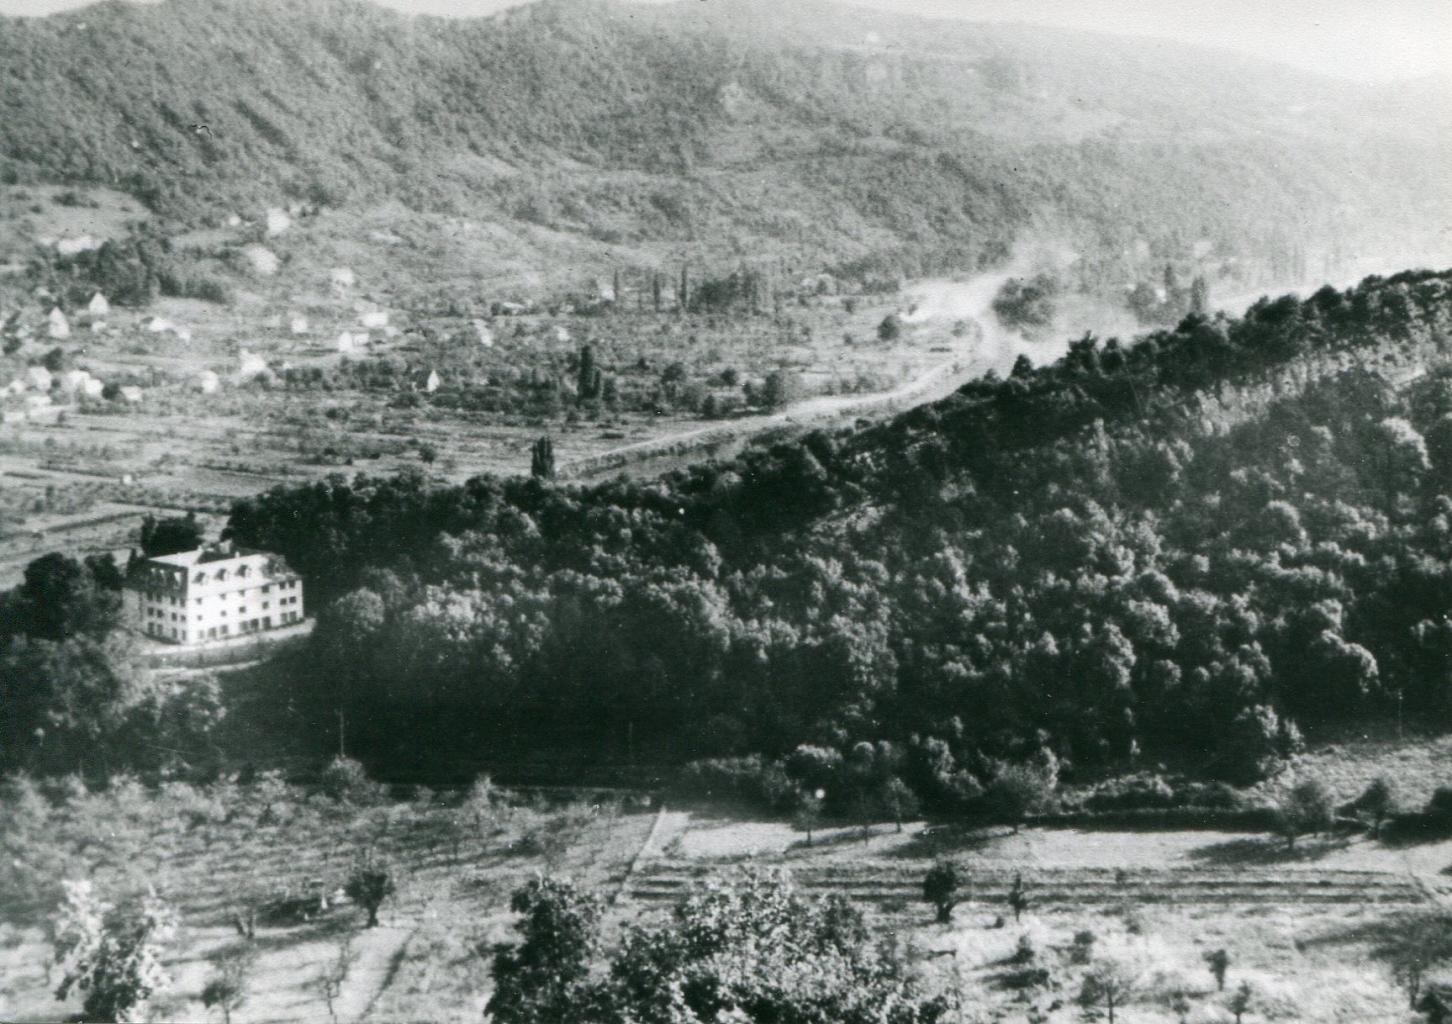 1958 - La Roche d'Or vista desde el Rosemont. La Maison Carrrée